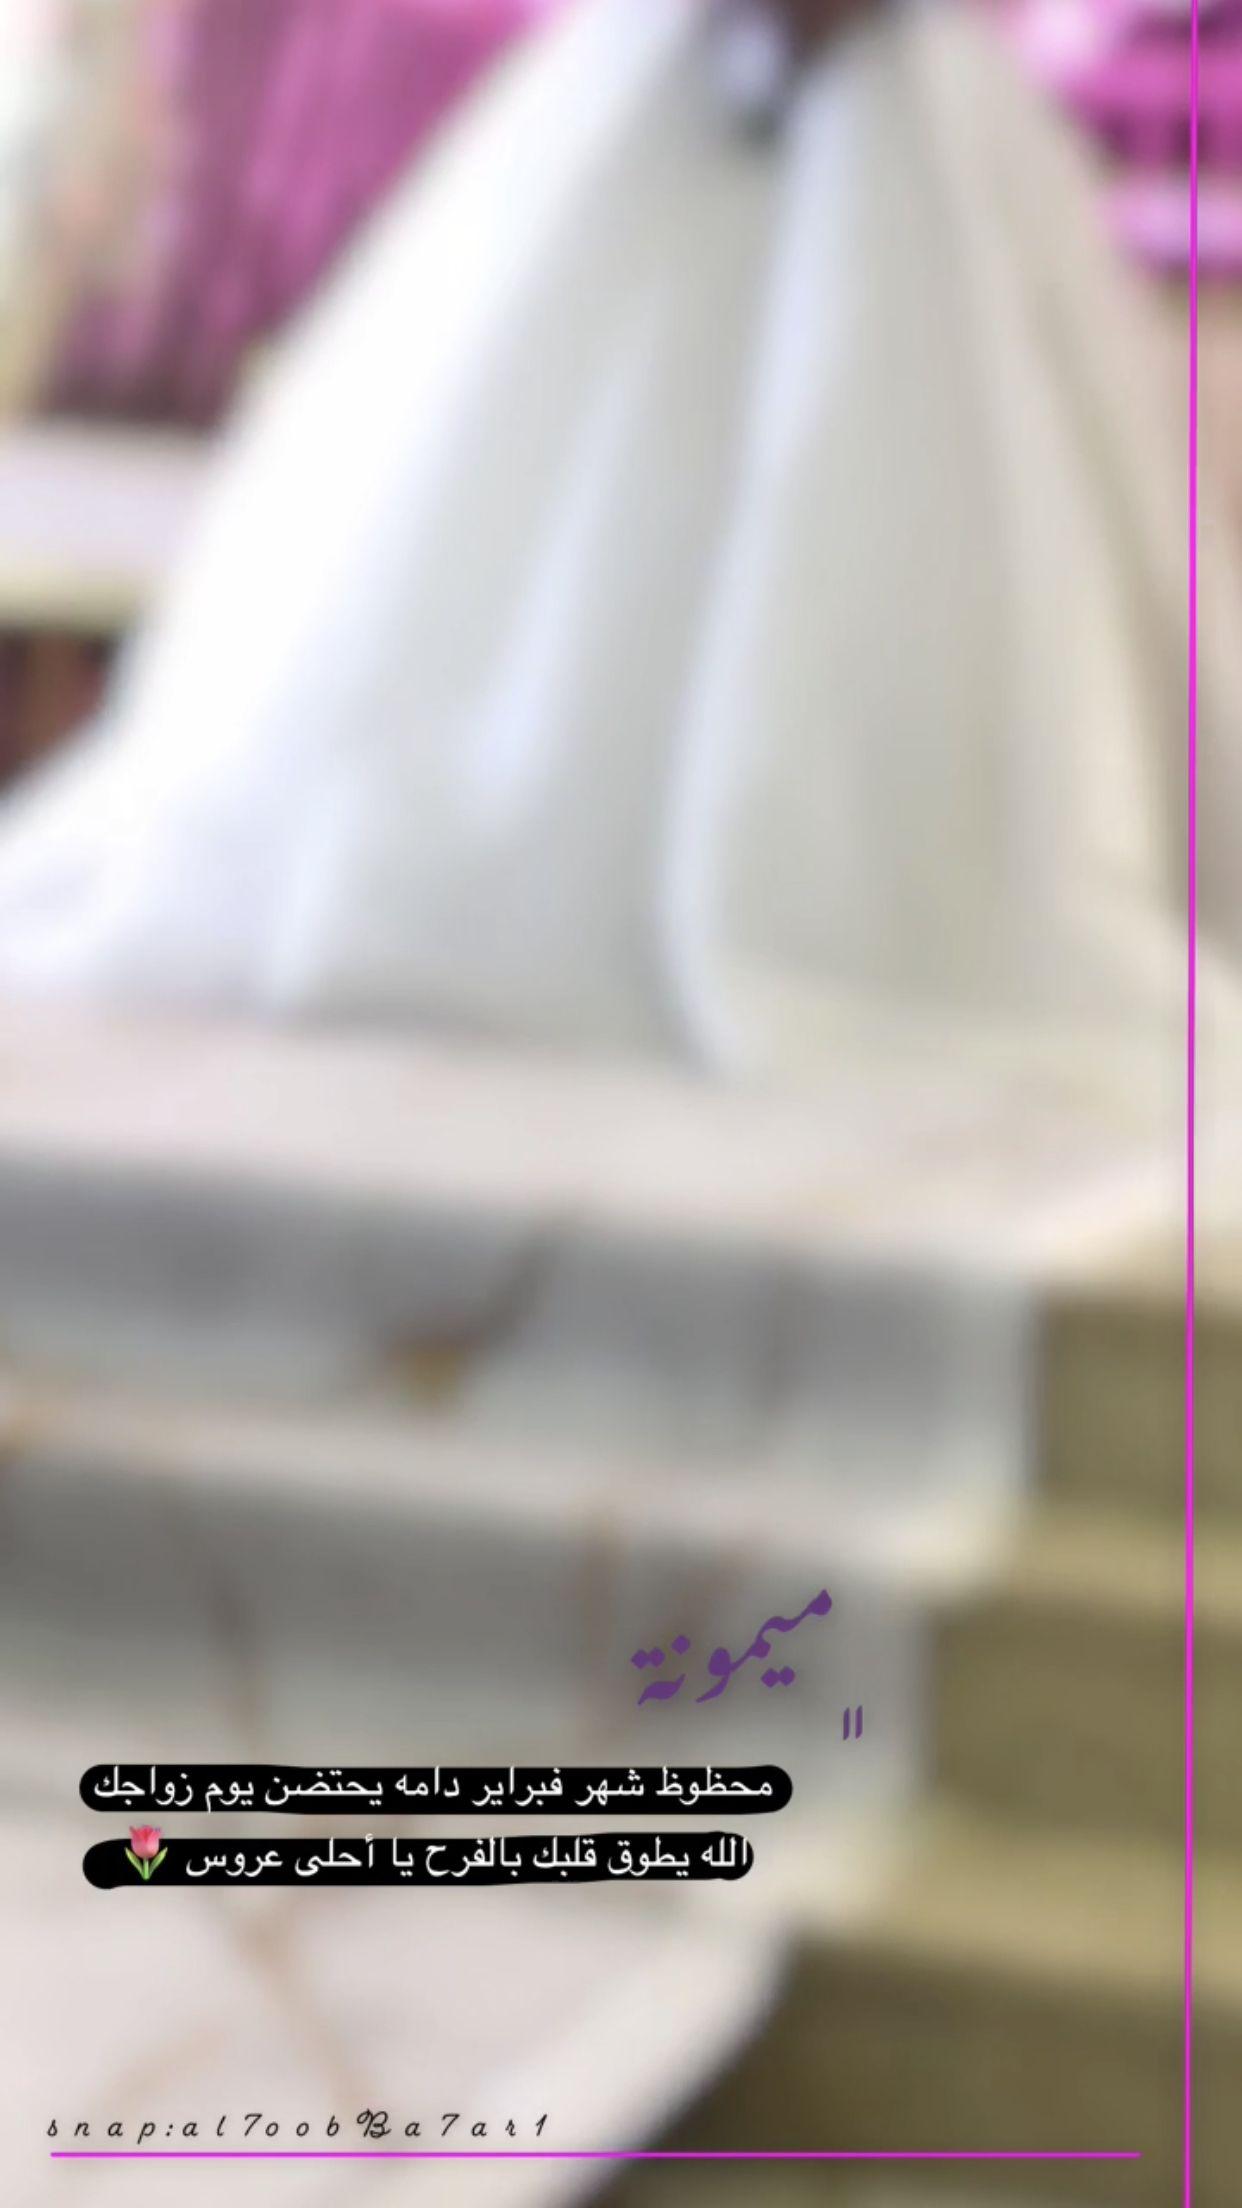 همسة محظوظ شهر فبراير دامه يحتضن يوم زواجك الله يطوق قلبك بالفرح يا أحلى عروس ت Wedding Logo Design Wedding Logos Instagram Photo Ideas Posts